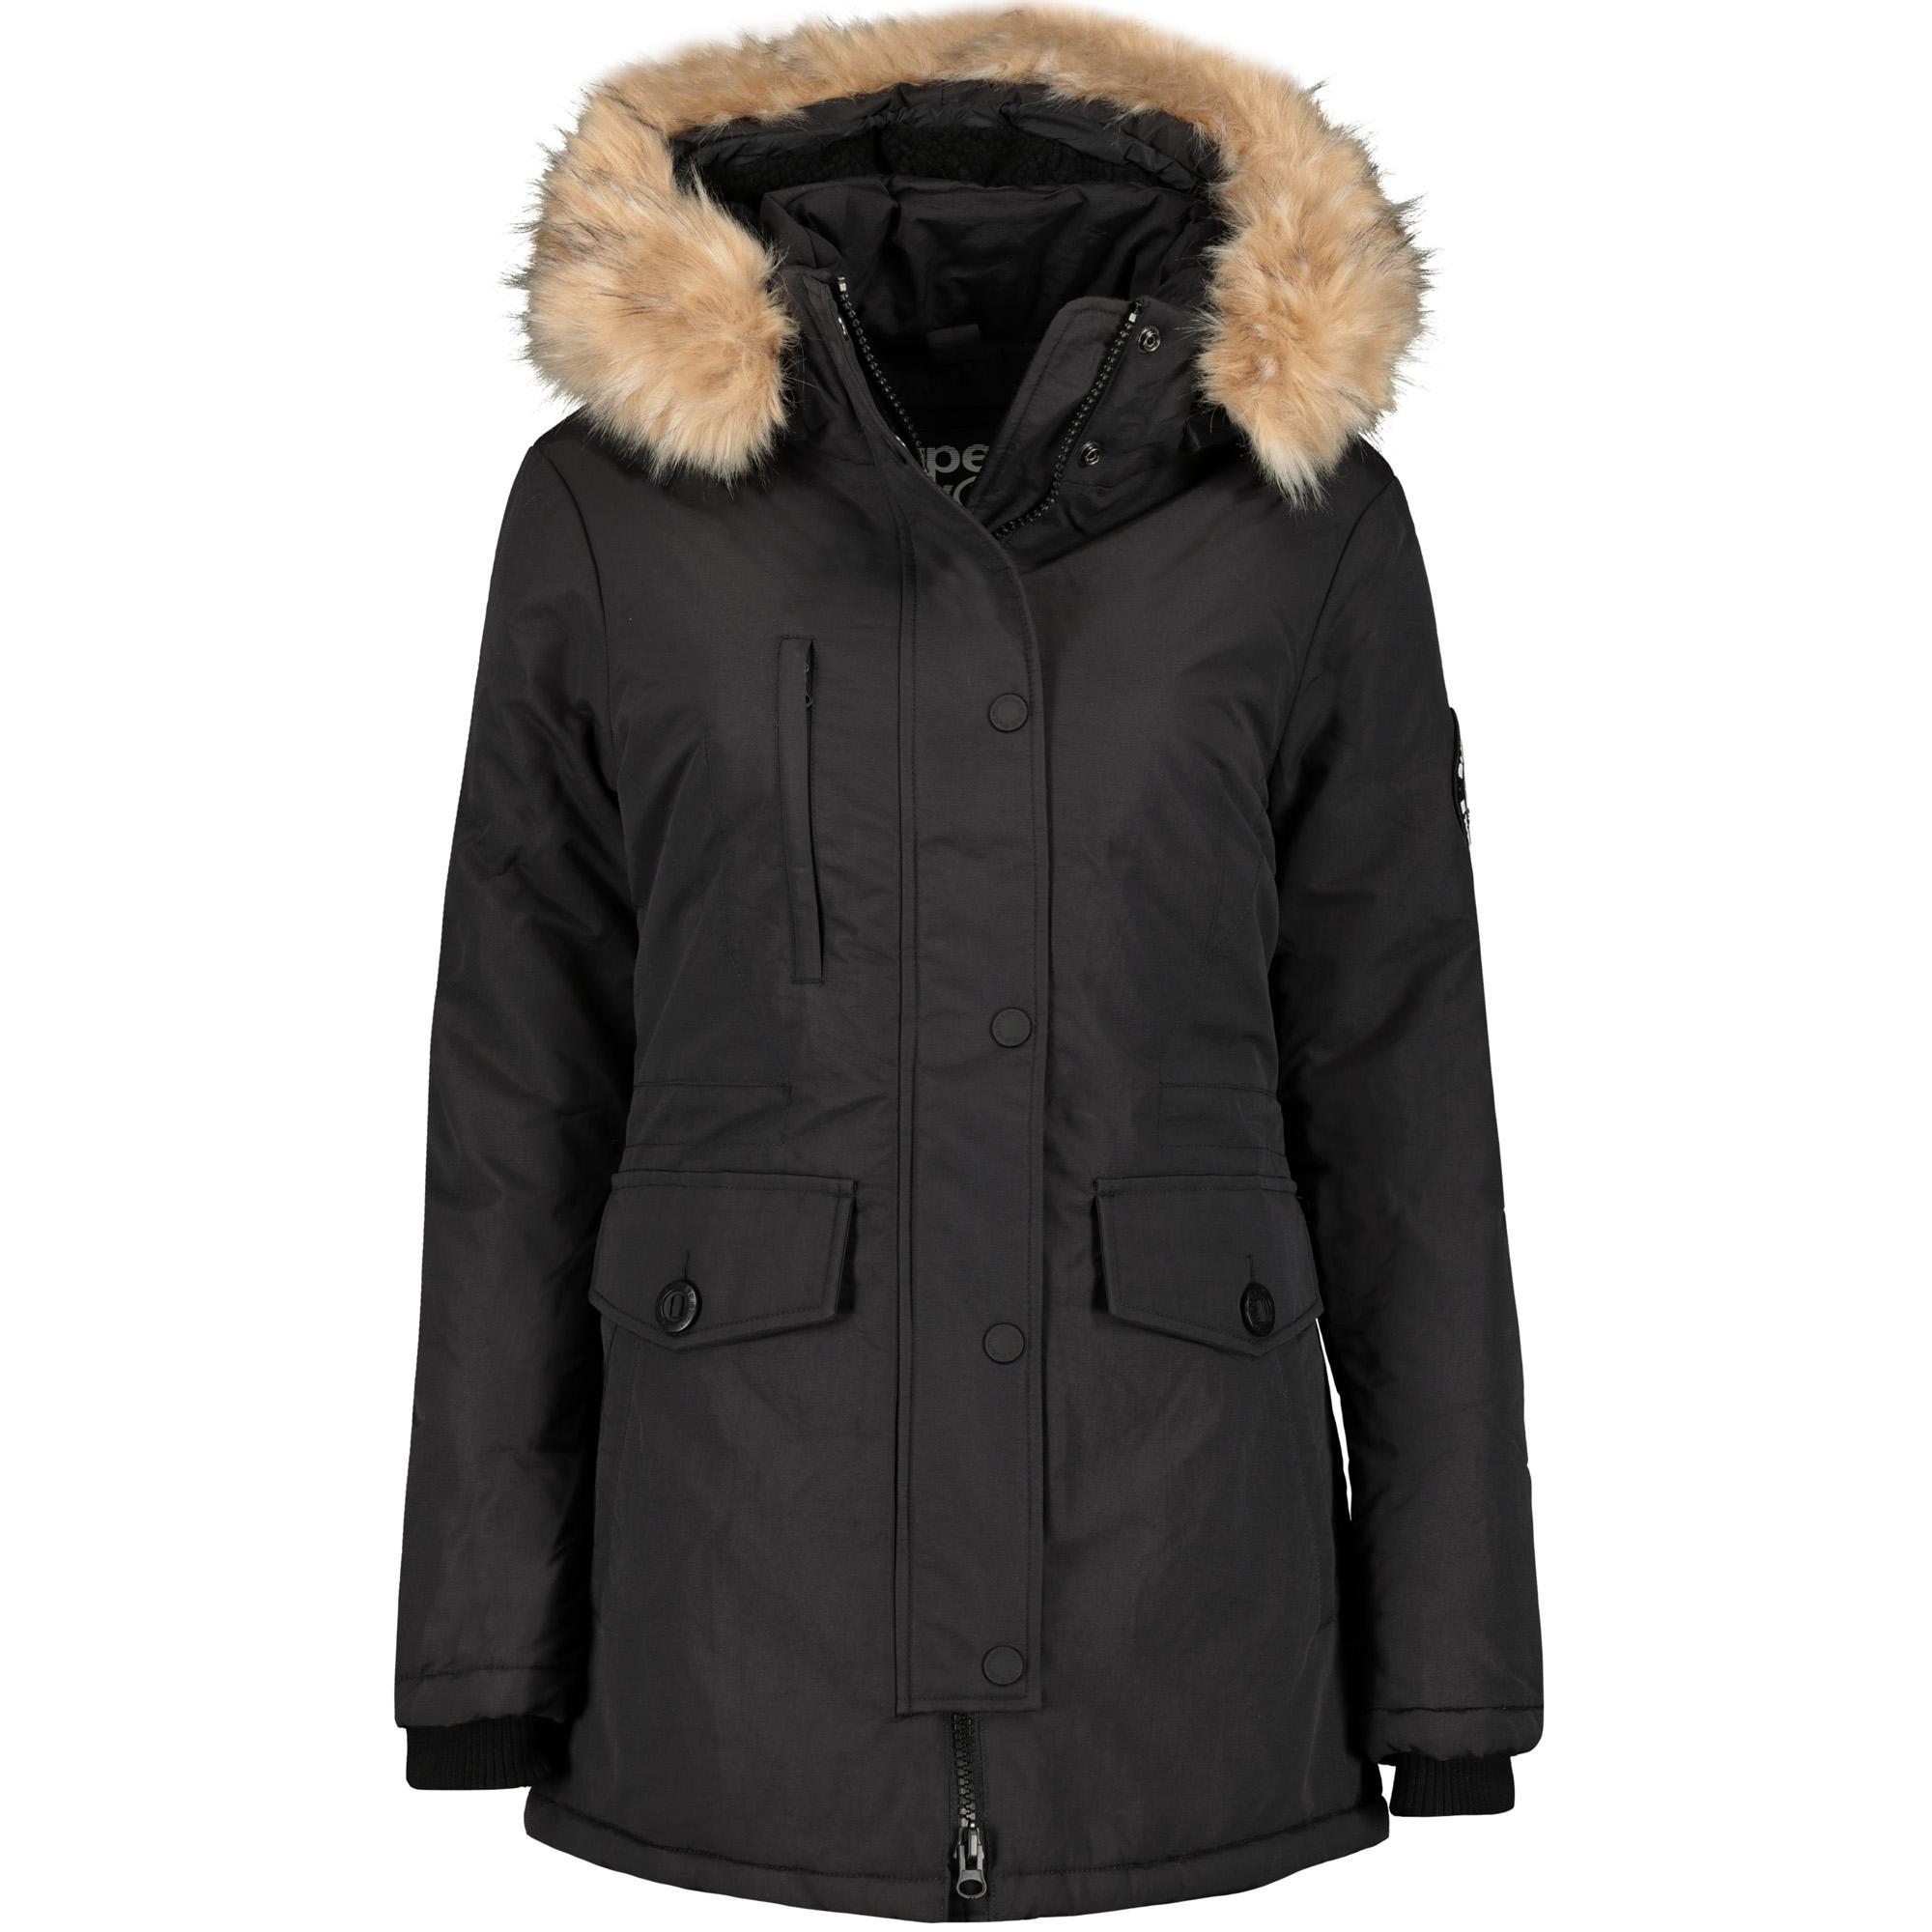 online retailer a7478 b9c49 Superdry Ashley Everest Parka Damen Winterjacke black Women Jacken & Mäntel  Winterjacke